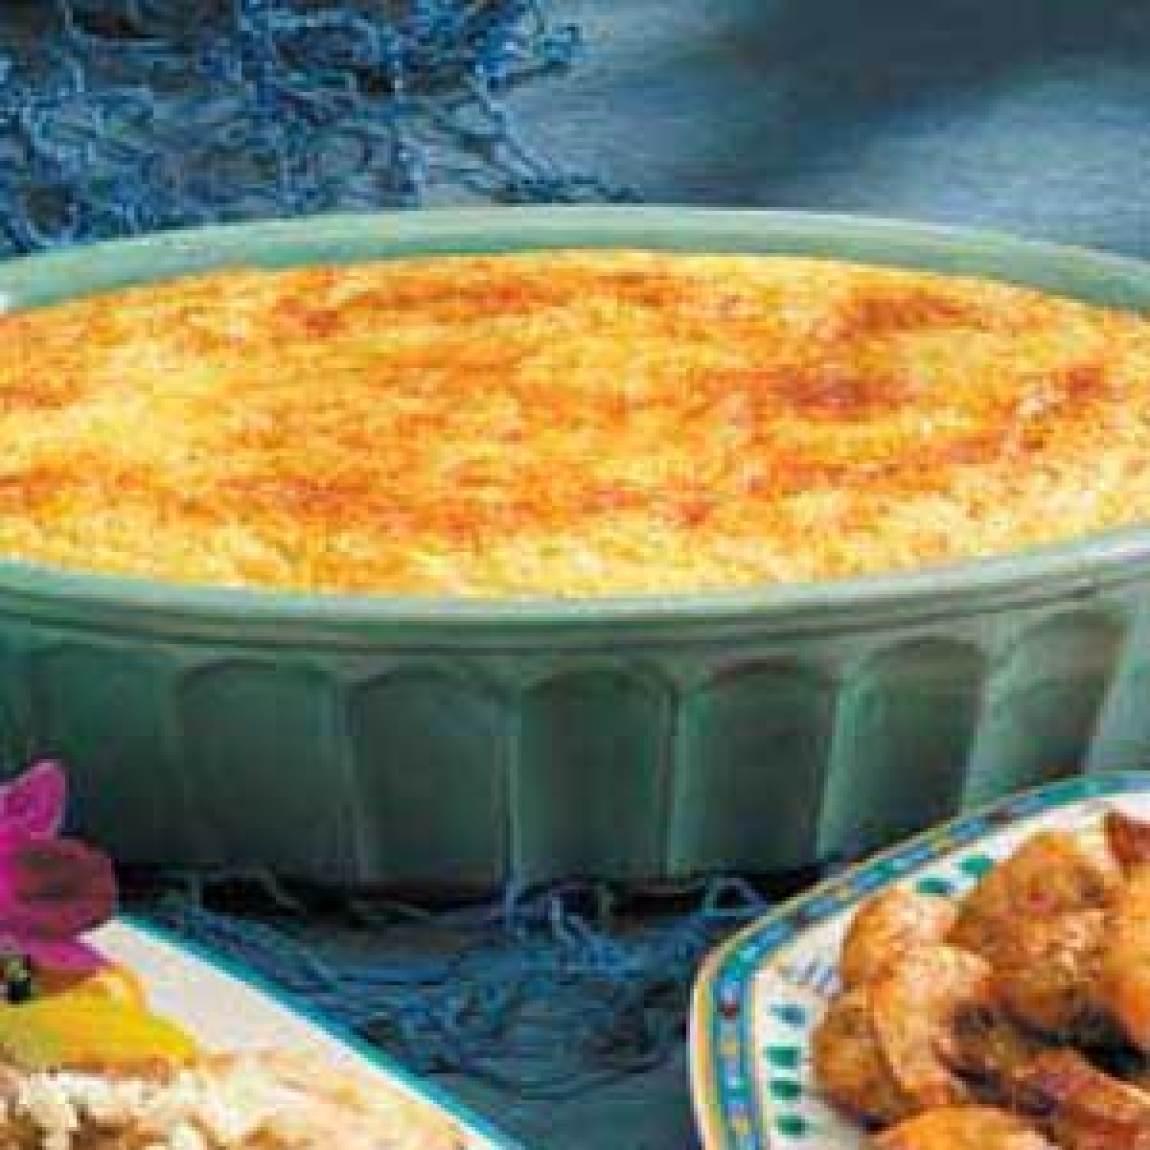 Corn Bread Pudding Recipe | Just A Pinch Recipes